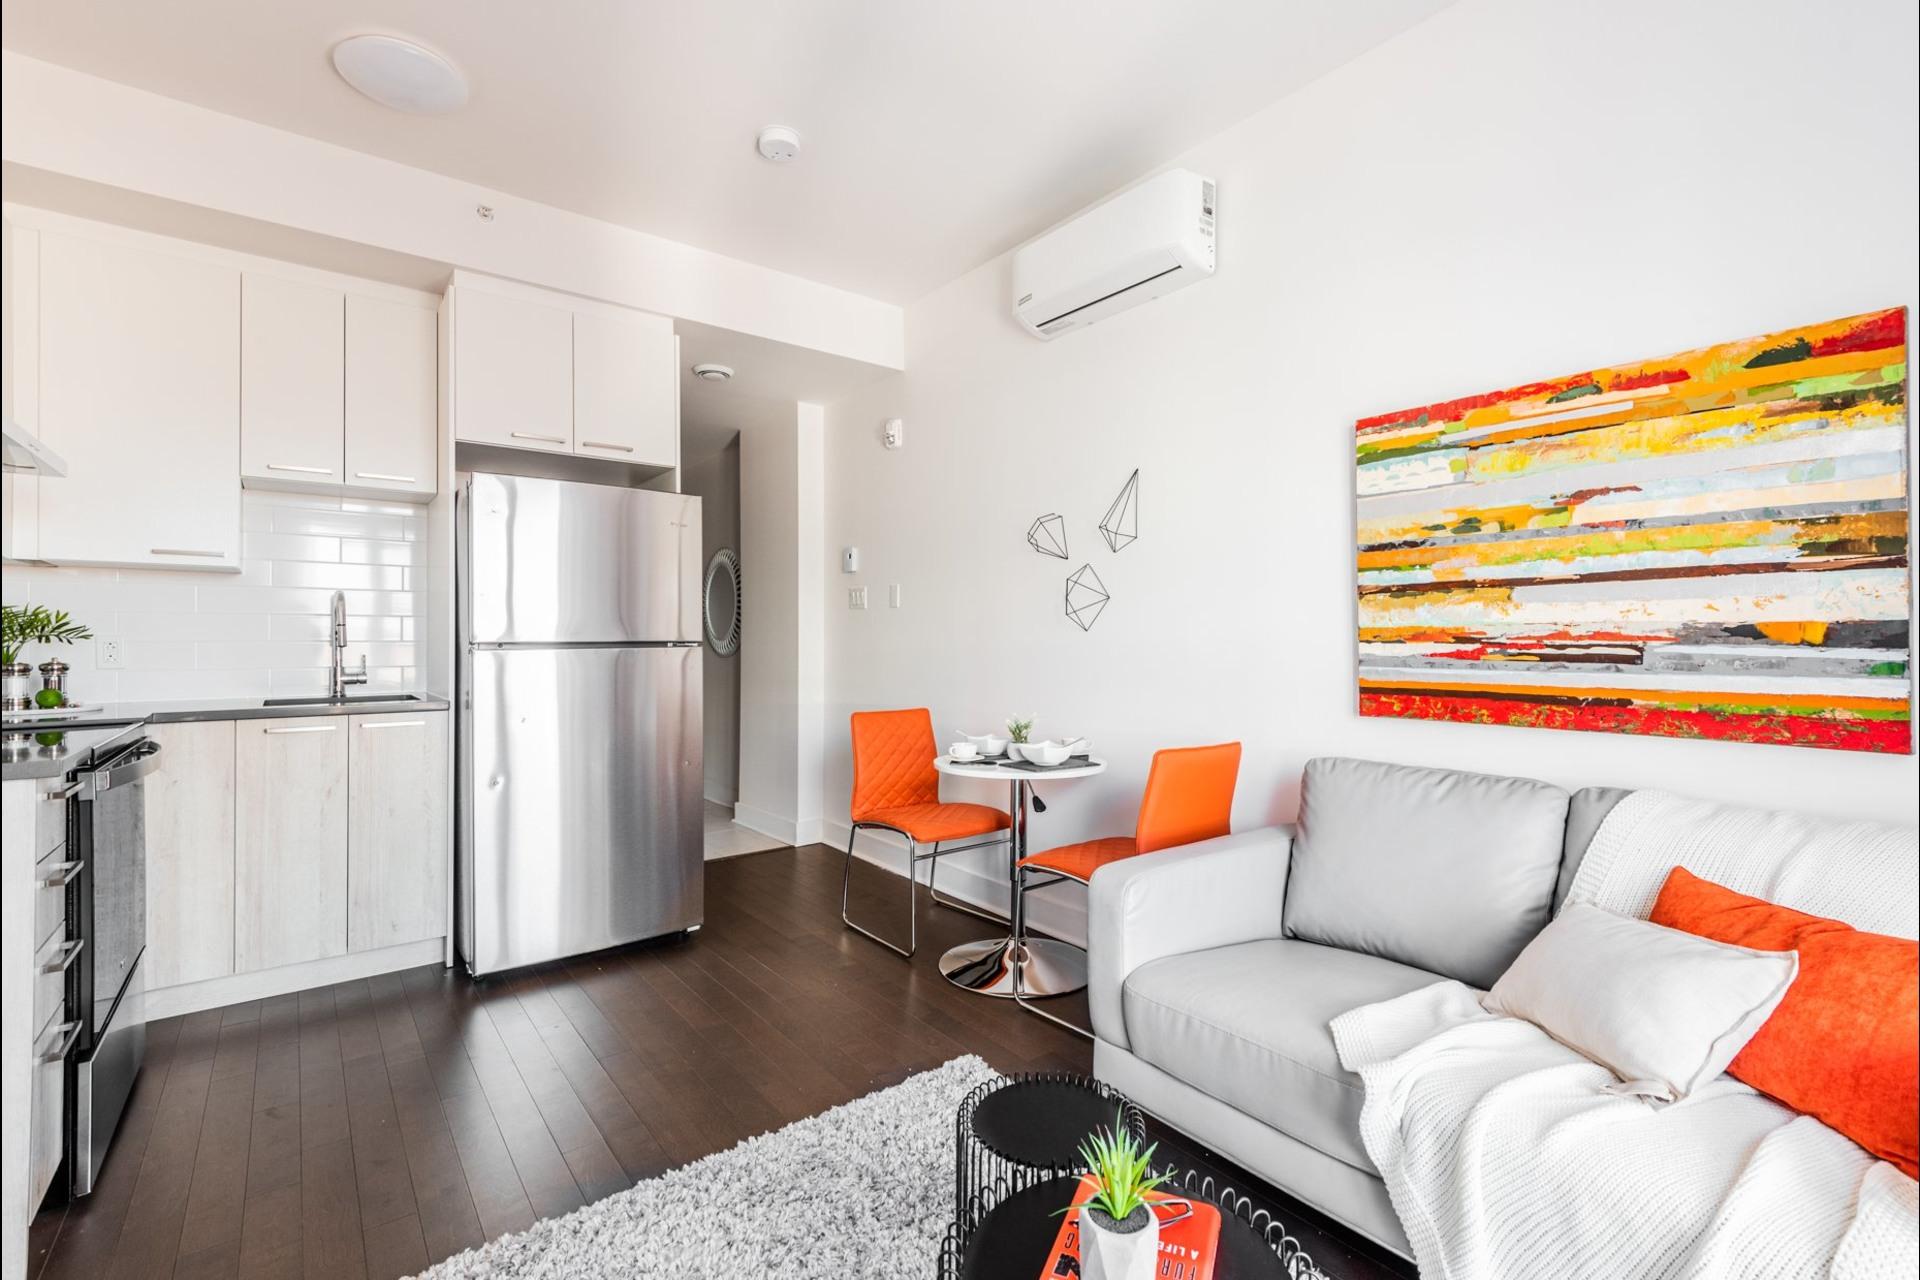 image 6 - Apartment For sale Villeray/Saint-Michel/Parc-Extension Montréal  - 3 rooms